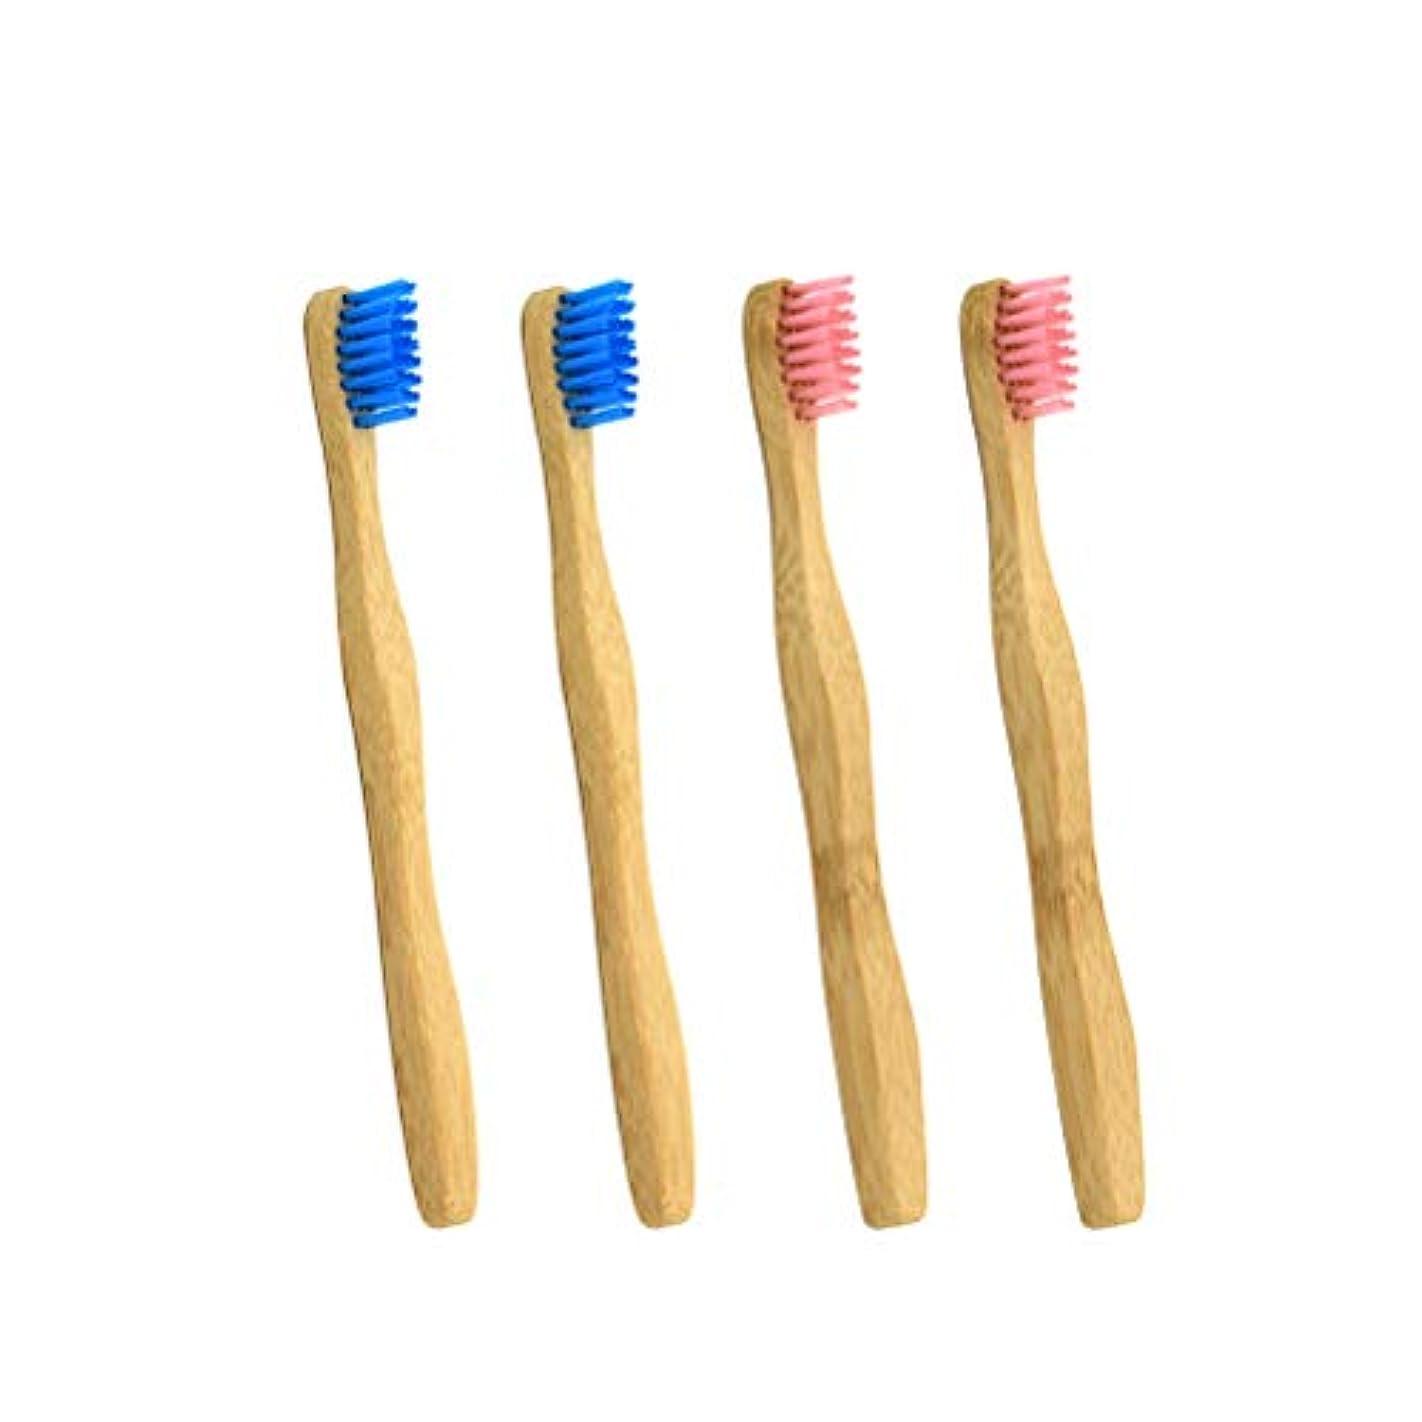 個性すぐにバウンスHealifty 子供旅行のための竹の歯ブラシの木炭剛毛使い捨てのナイロン歯ブラシ(ピンクとピンク各2本)